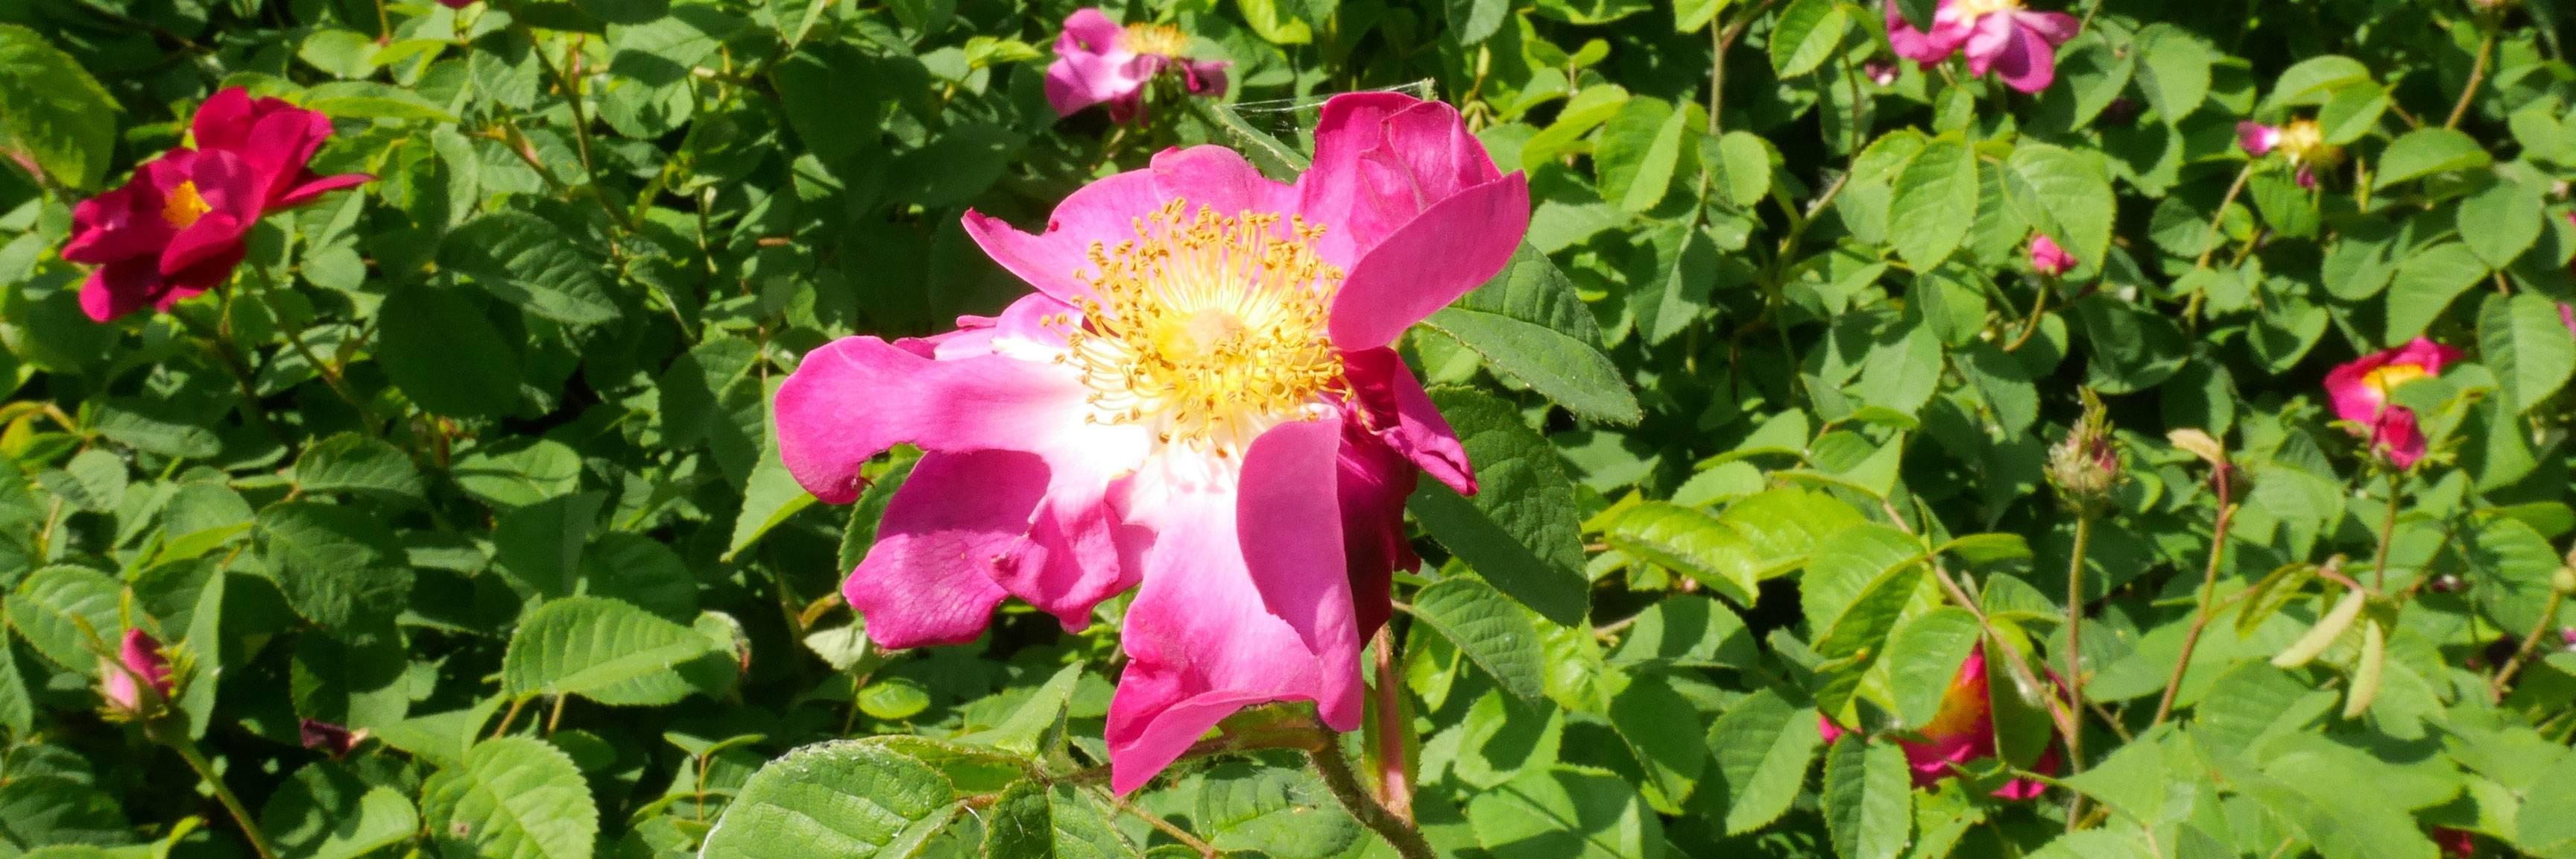 Découvrez nos collections de roses et de rosiers